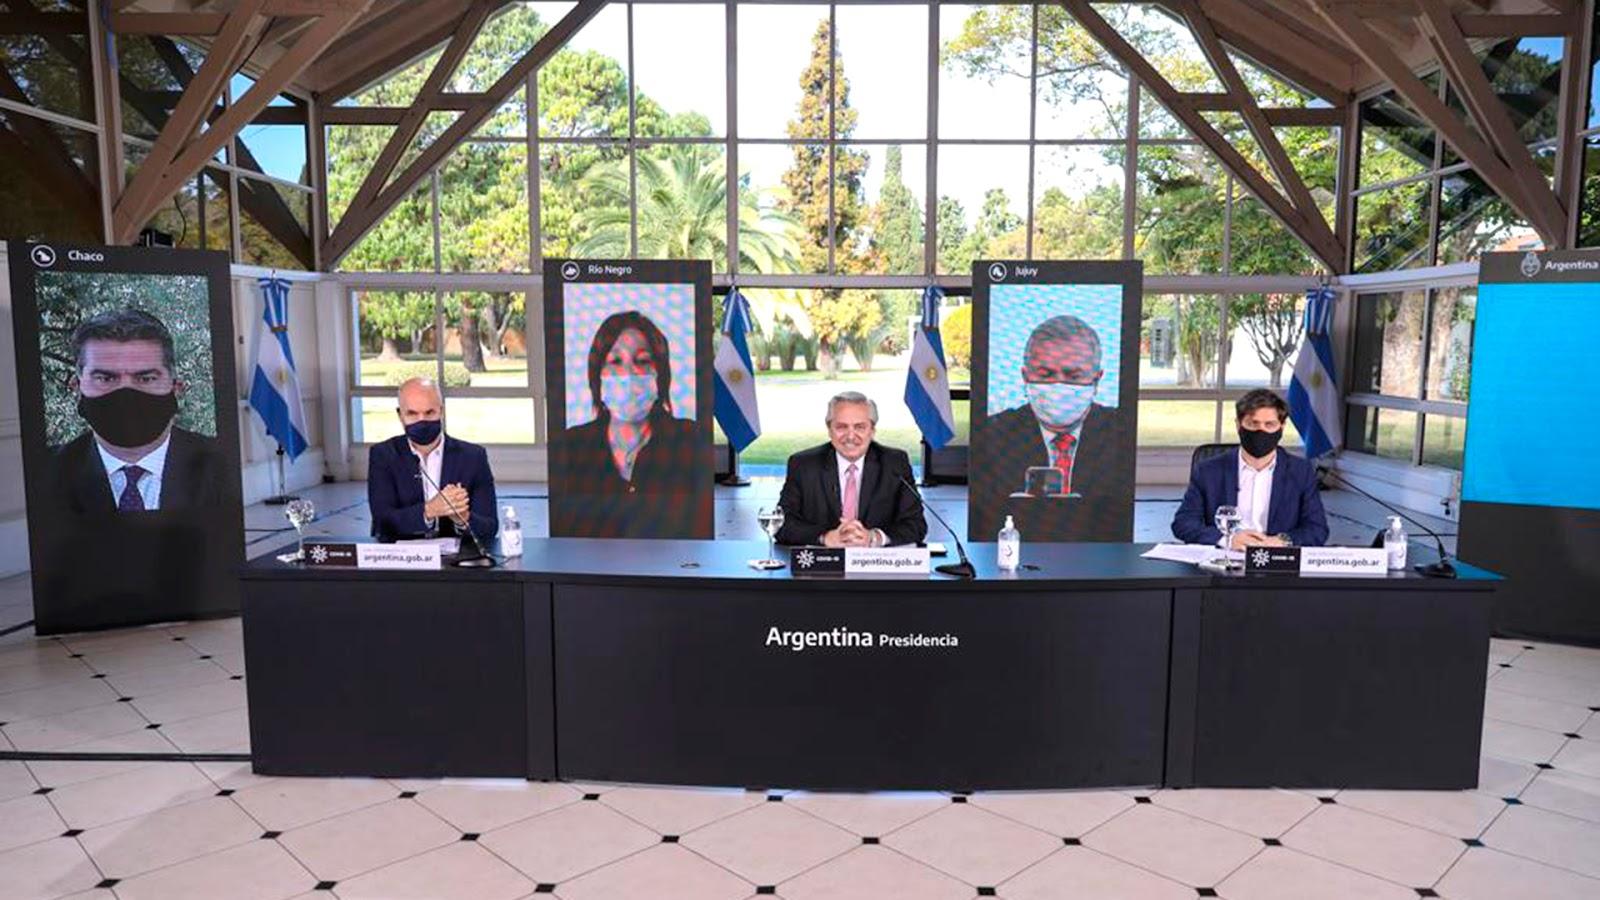 Horacio Rodriguez Larreta, Alberto Fernández, Axel Kicillof anuncio cuarentena escalonada